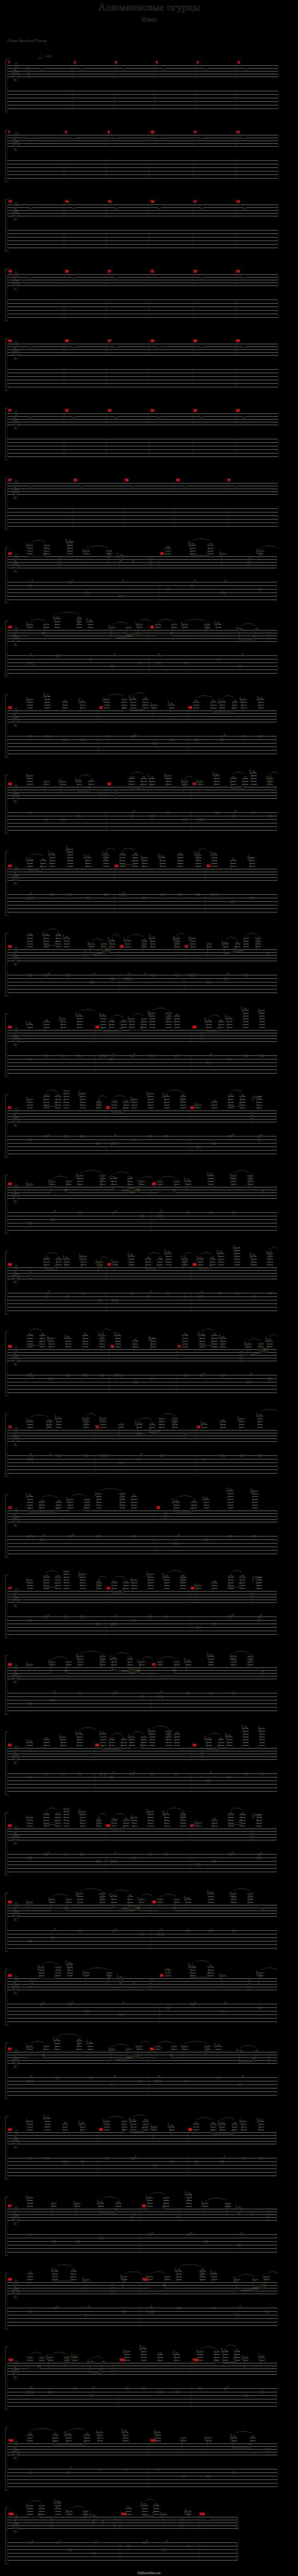 Виктор Цой - Алюминиевые огурцы, аккорды для гитары 98